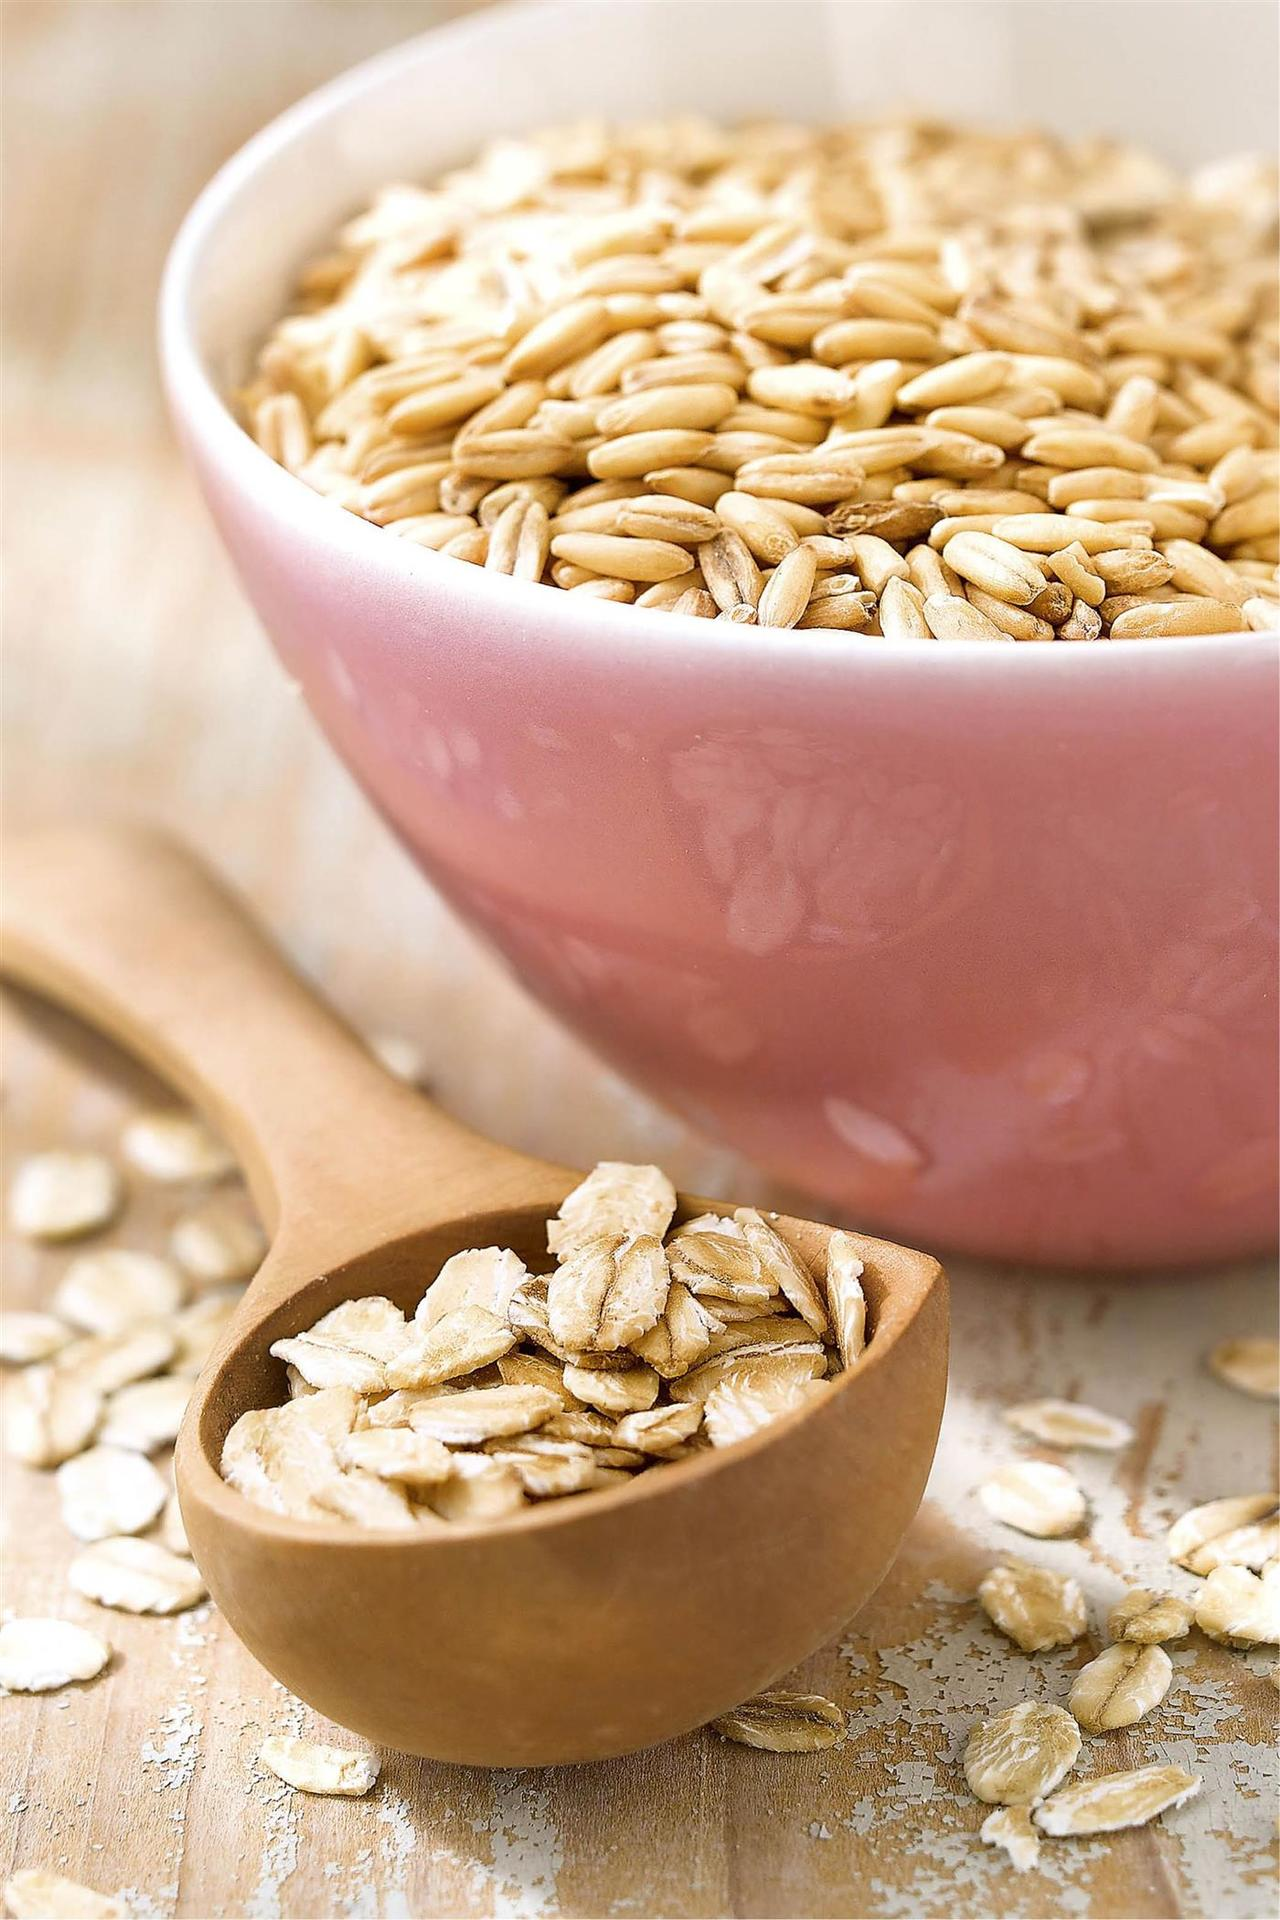 Qué es más nutritivo nopal o avena